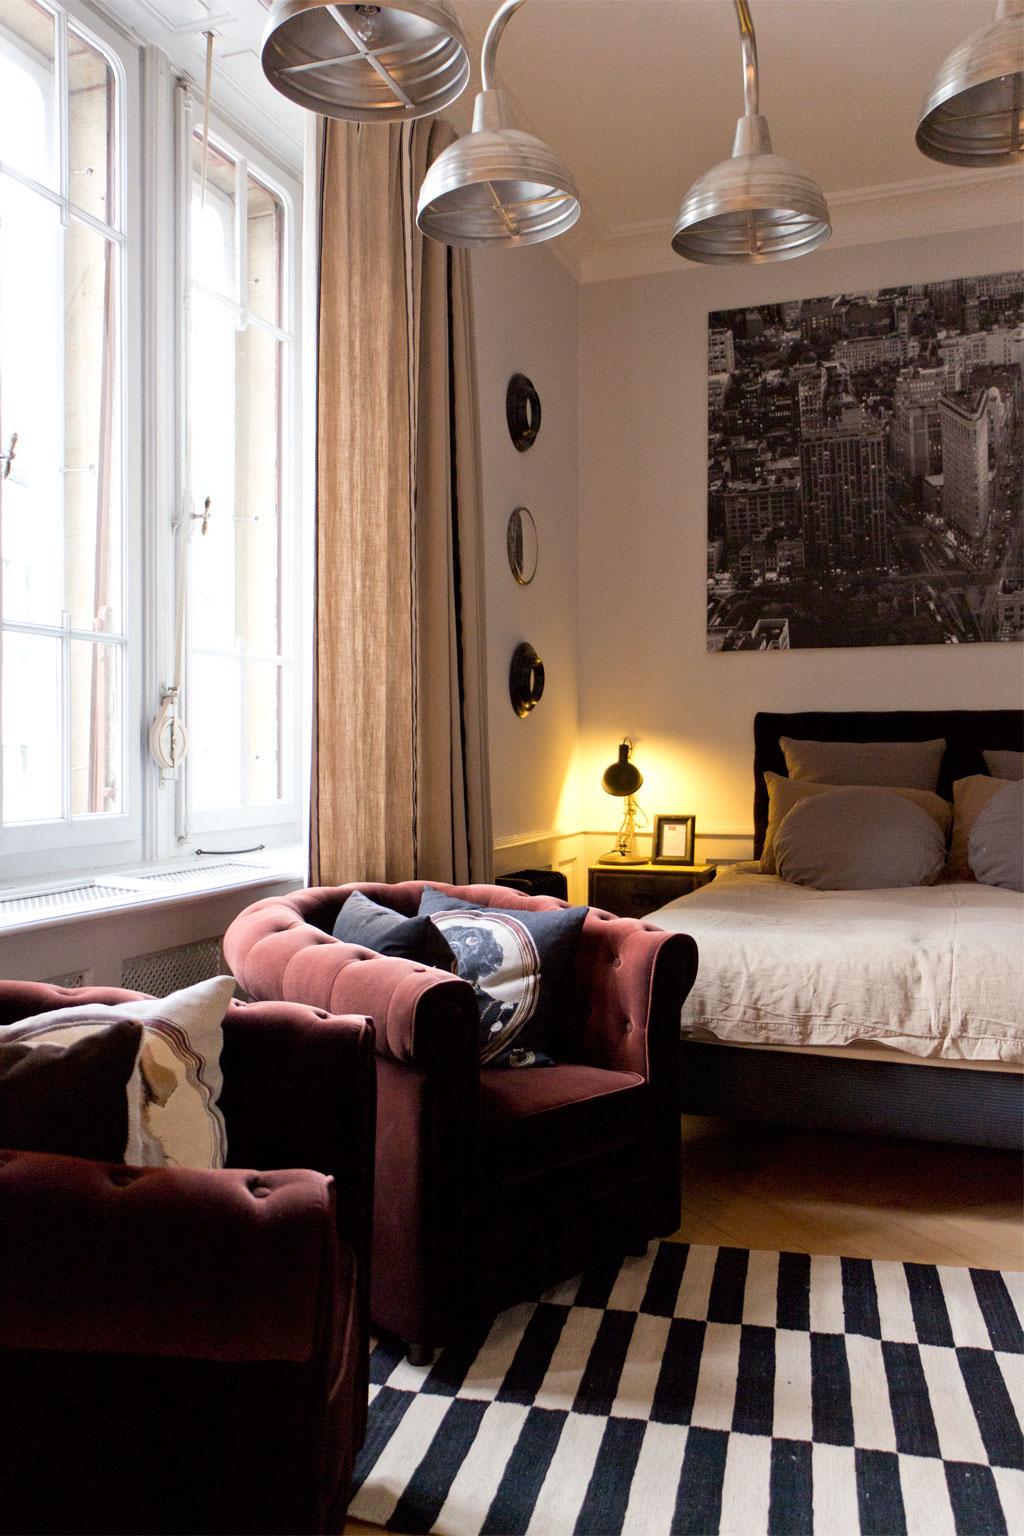 Schweiz Jura – Passion d'une vie – Bett und Sessel im Zimmer | SOMEWHERE ELSE